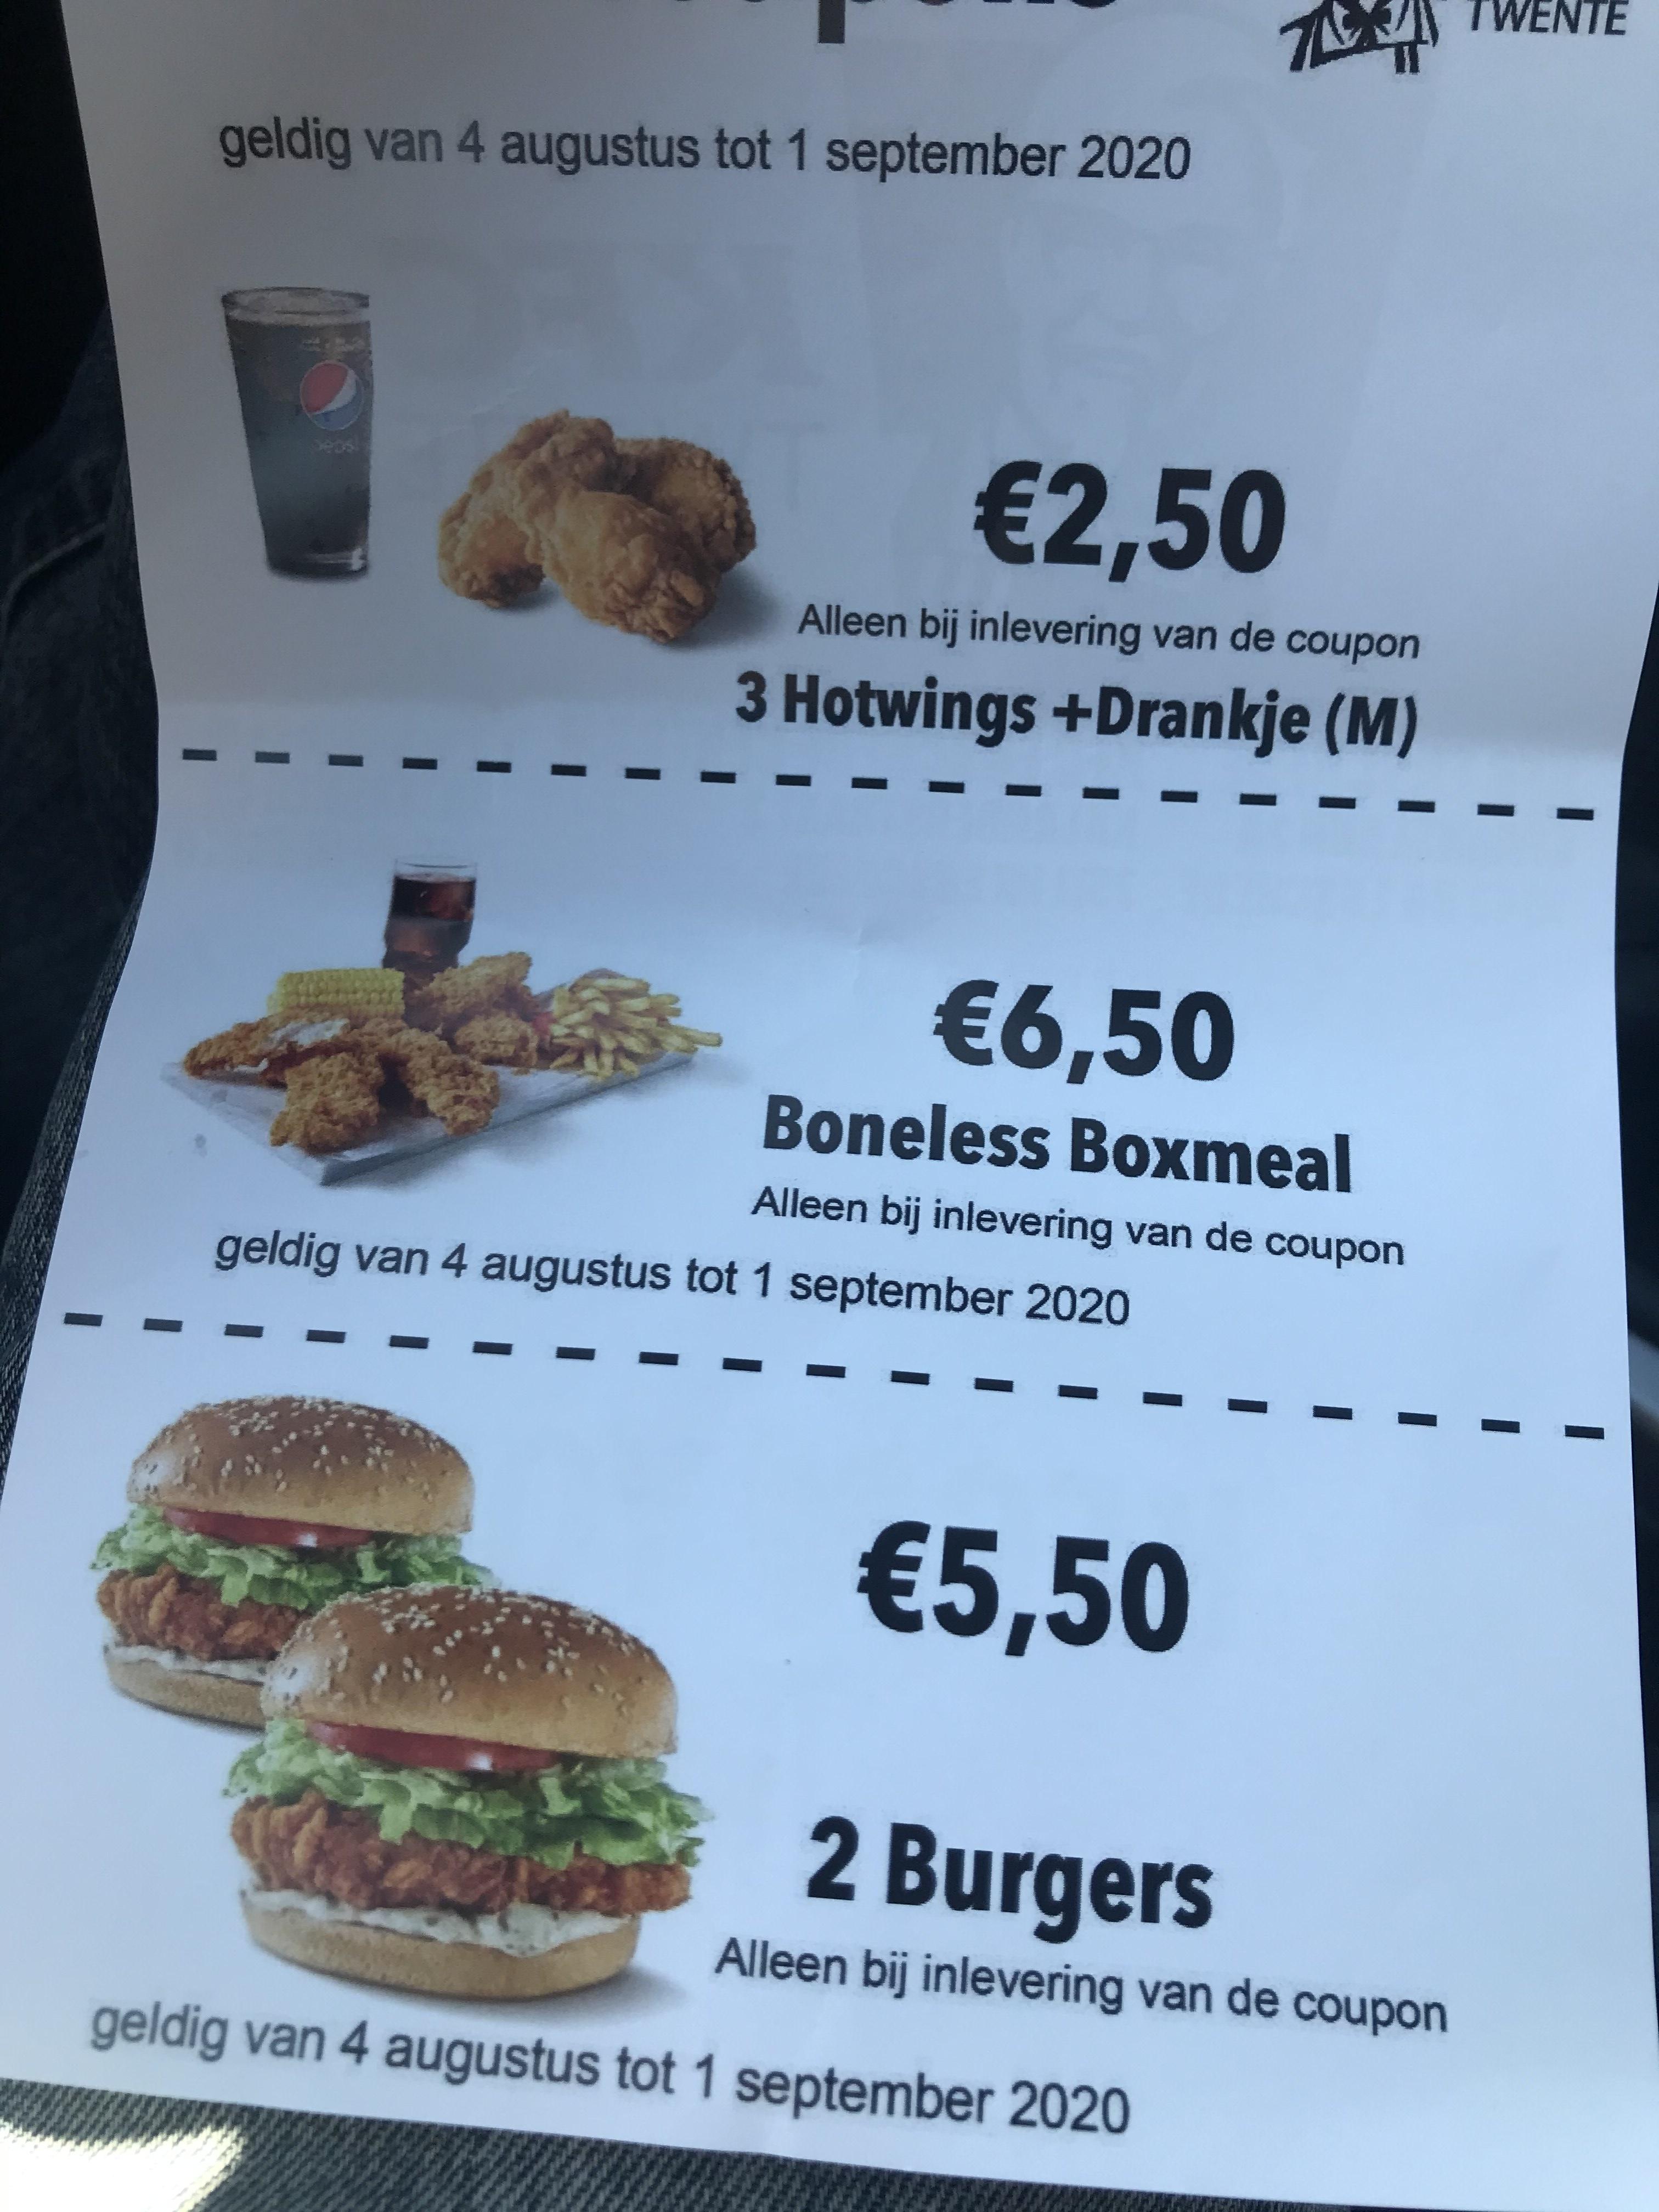 Twee burgers naar keuze voor €4,70 bij KFC (prijsfout) (op aanbieding)